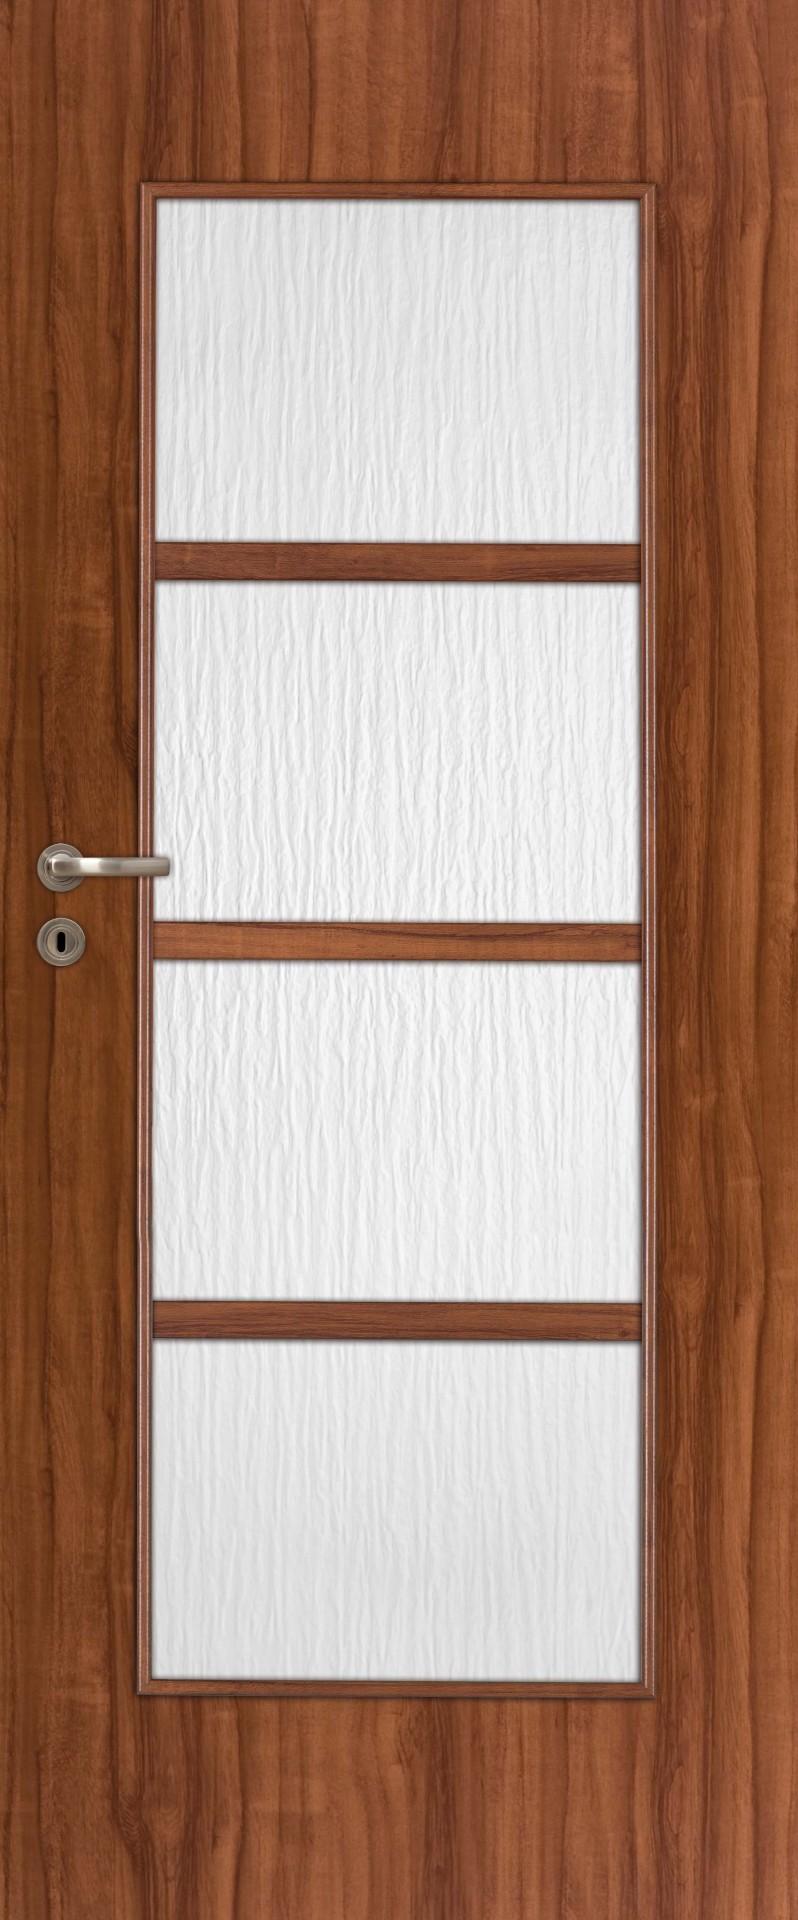 Dre dveře Arte 90, Šíře v cm 70